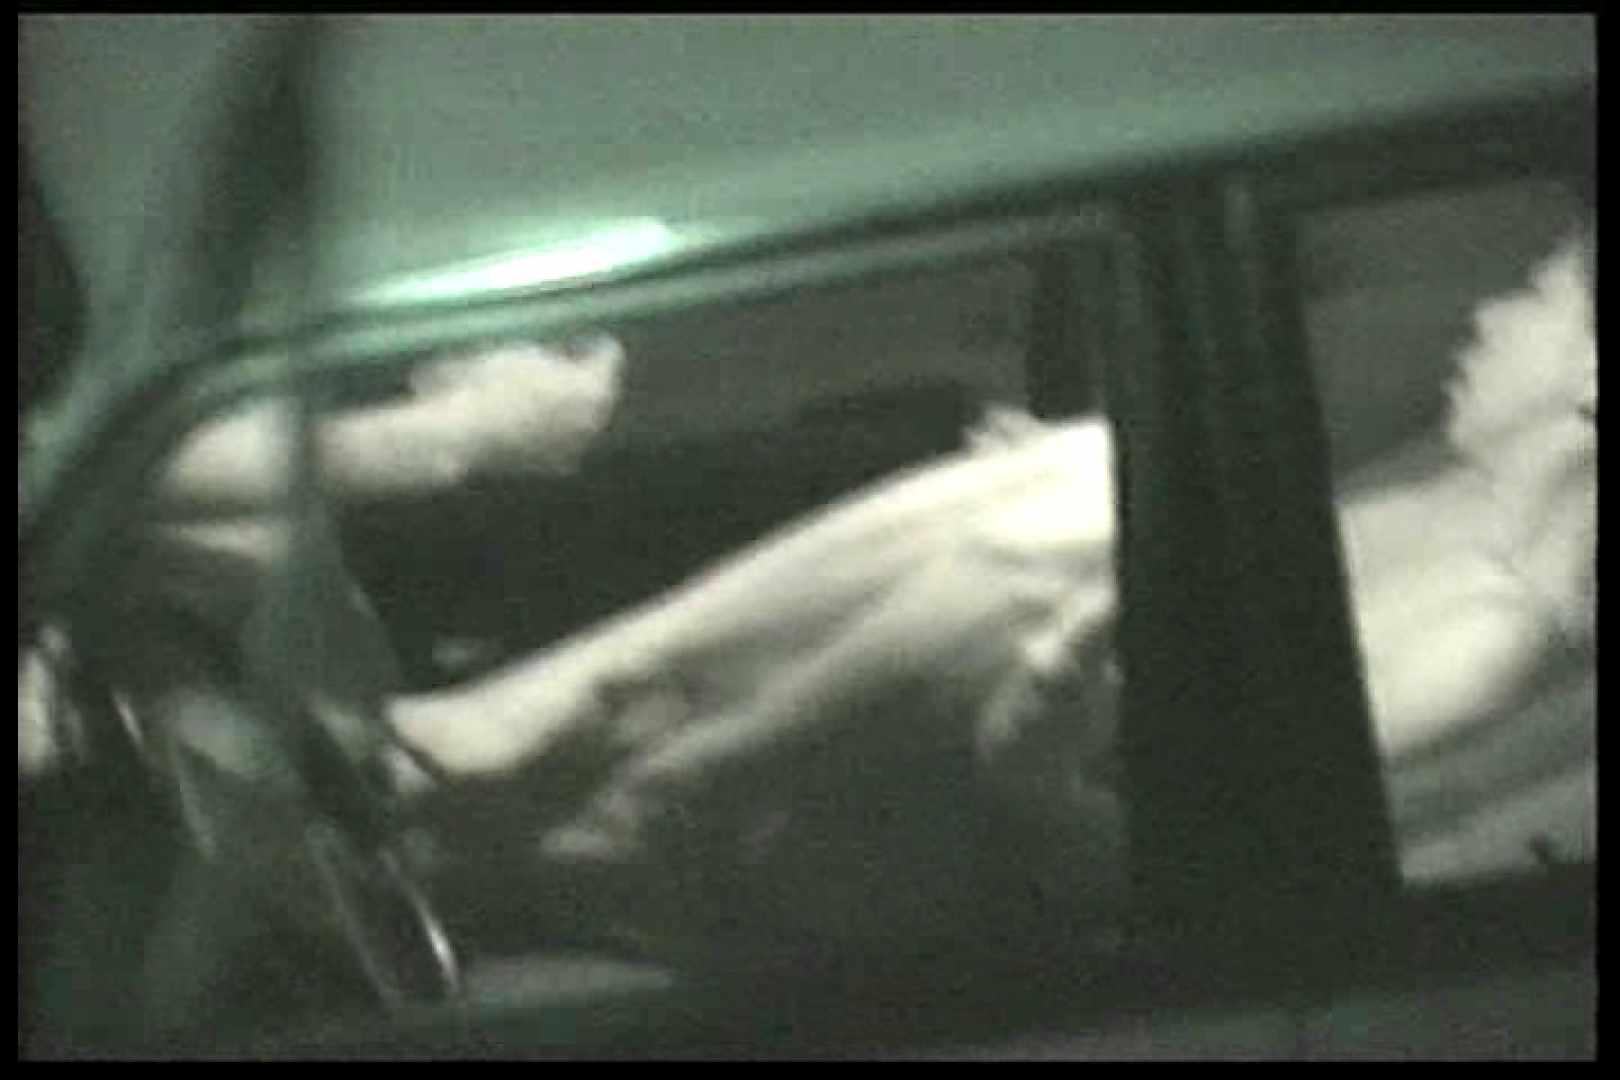 車の中はラブホテル 無修正版  Vol.15 赤外線 盗撮動画紹介 89pic 82